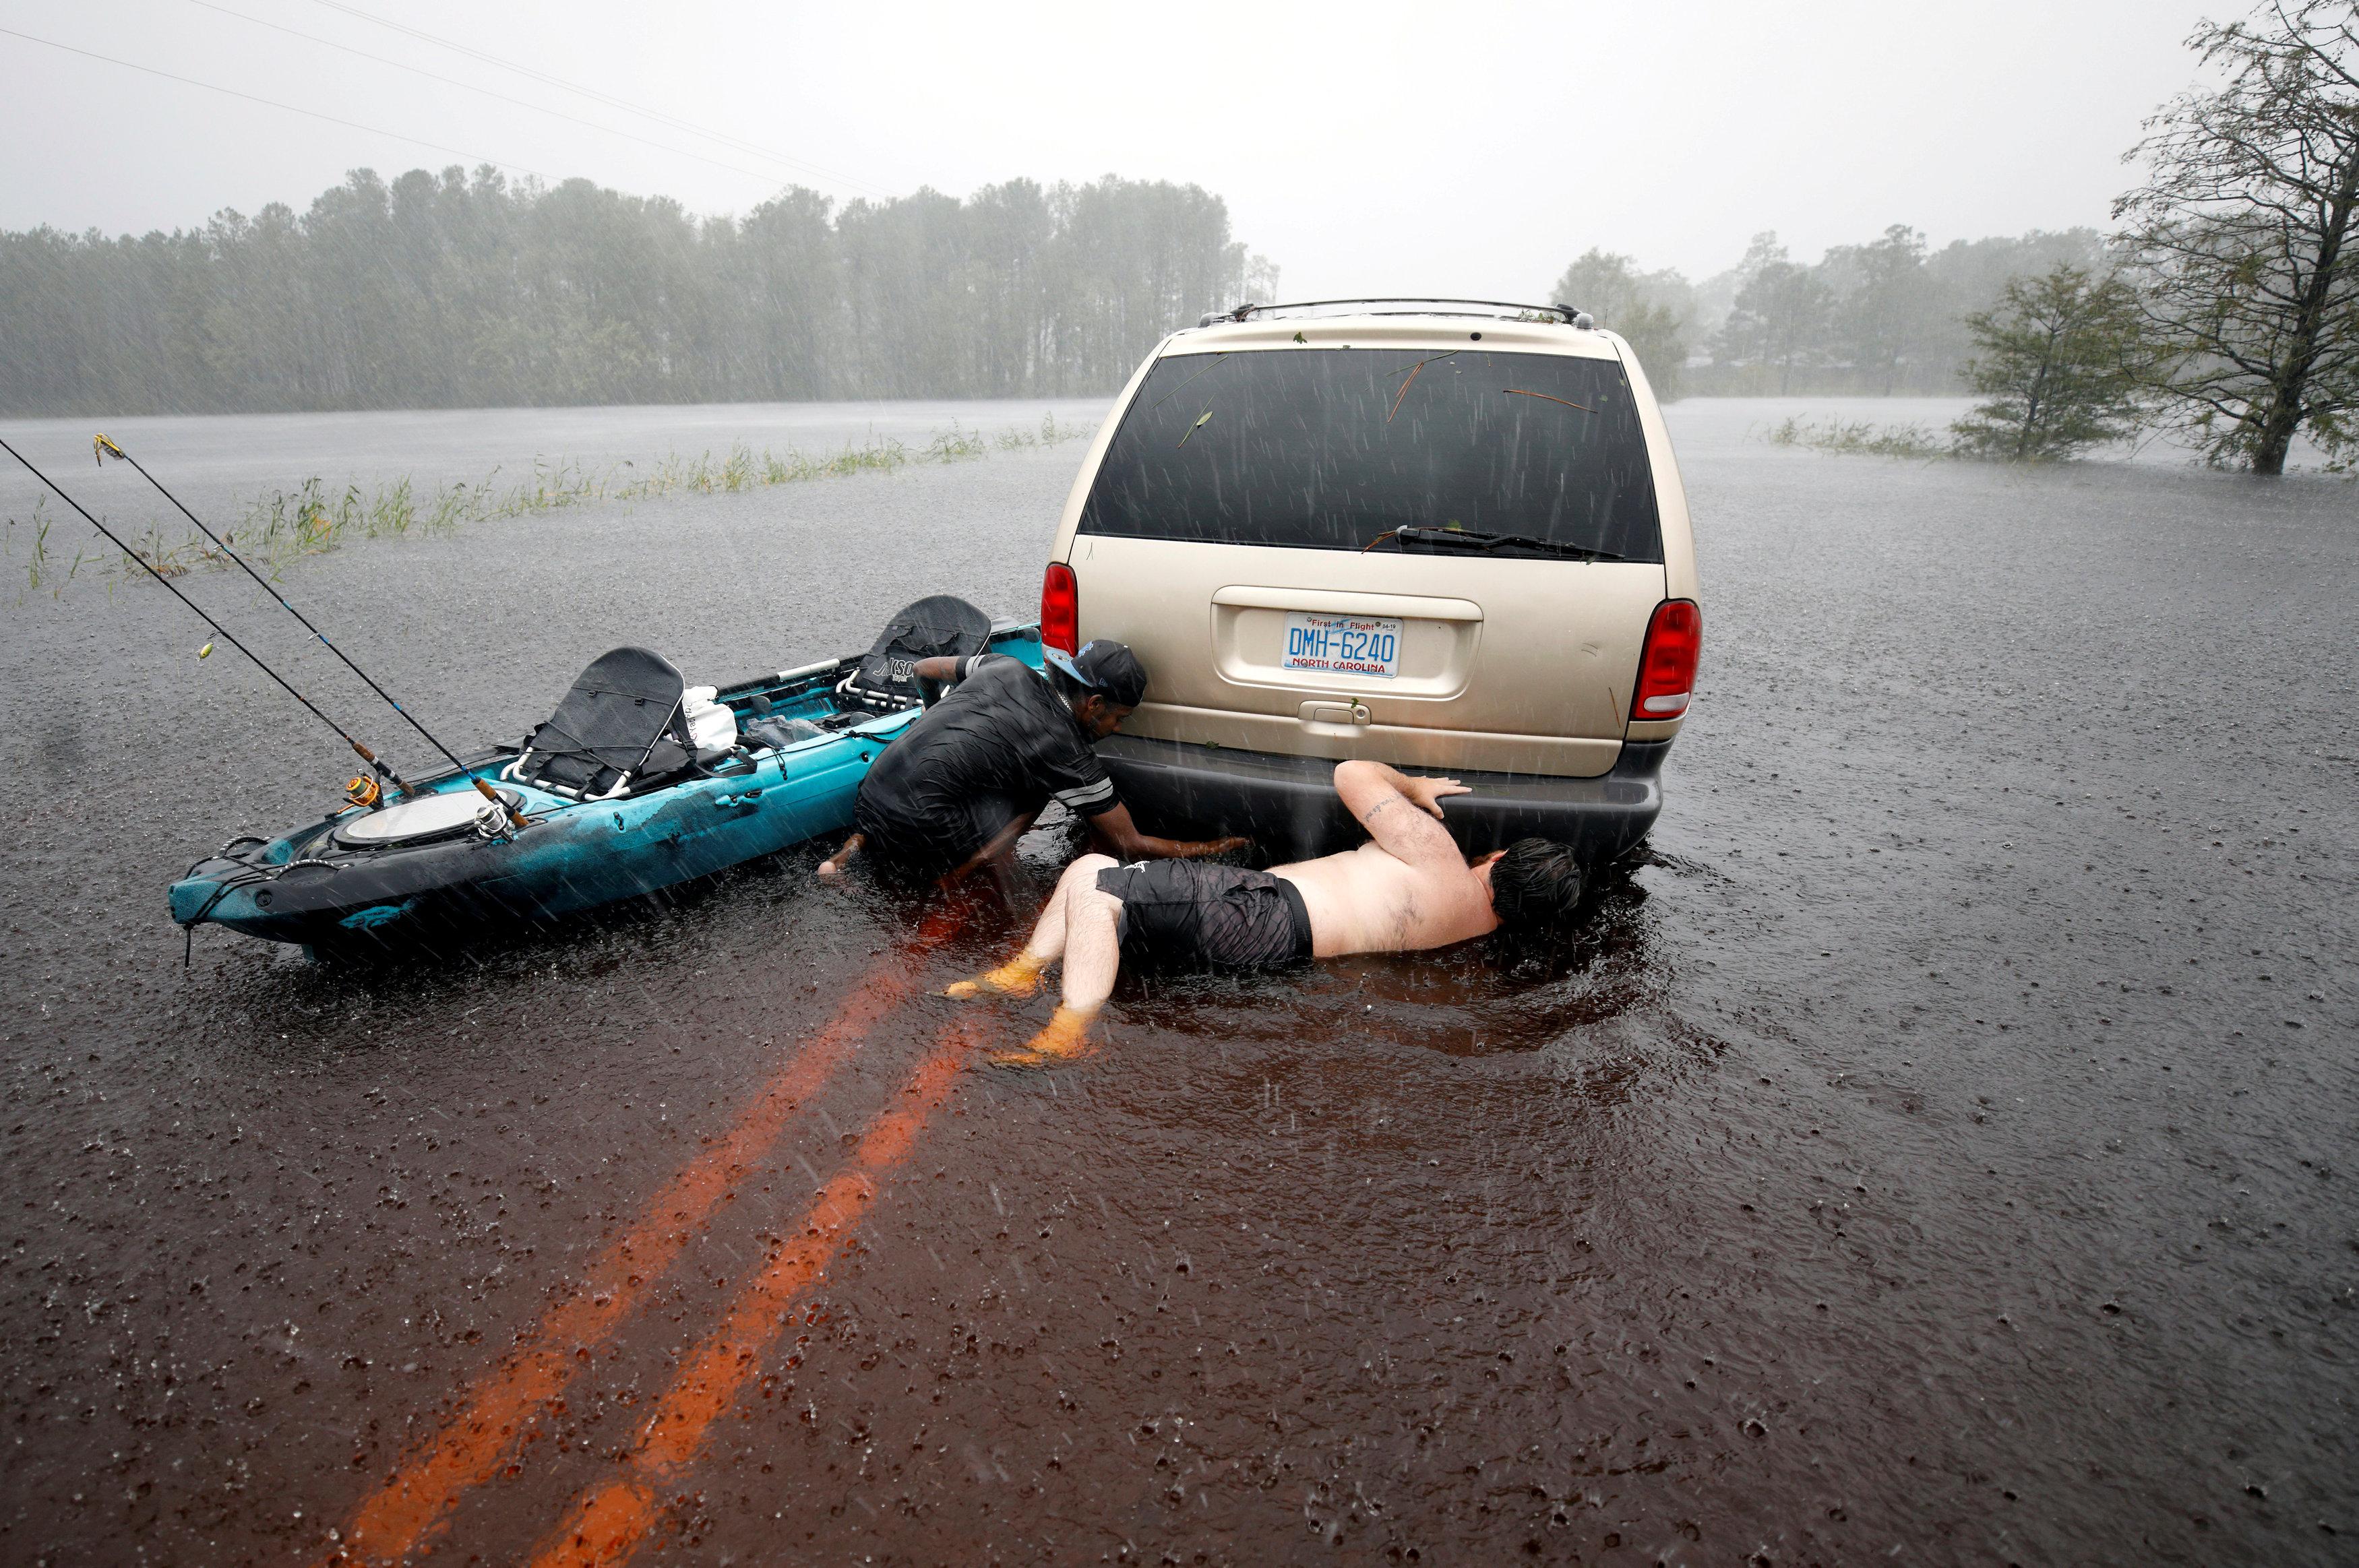 محاولات لإصلاح سيارة تعطلت بسبب المياه